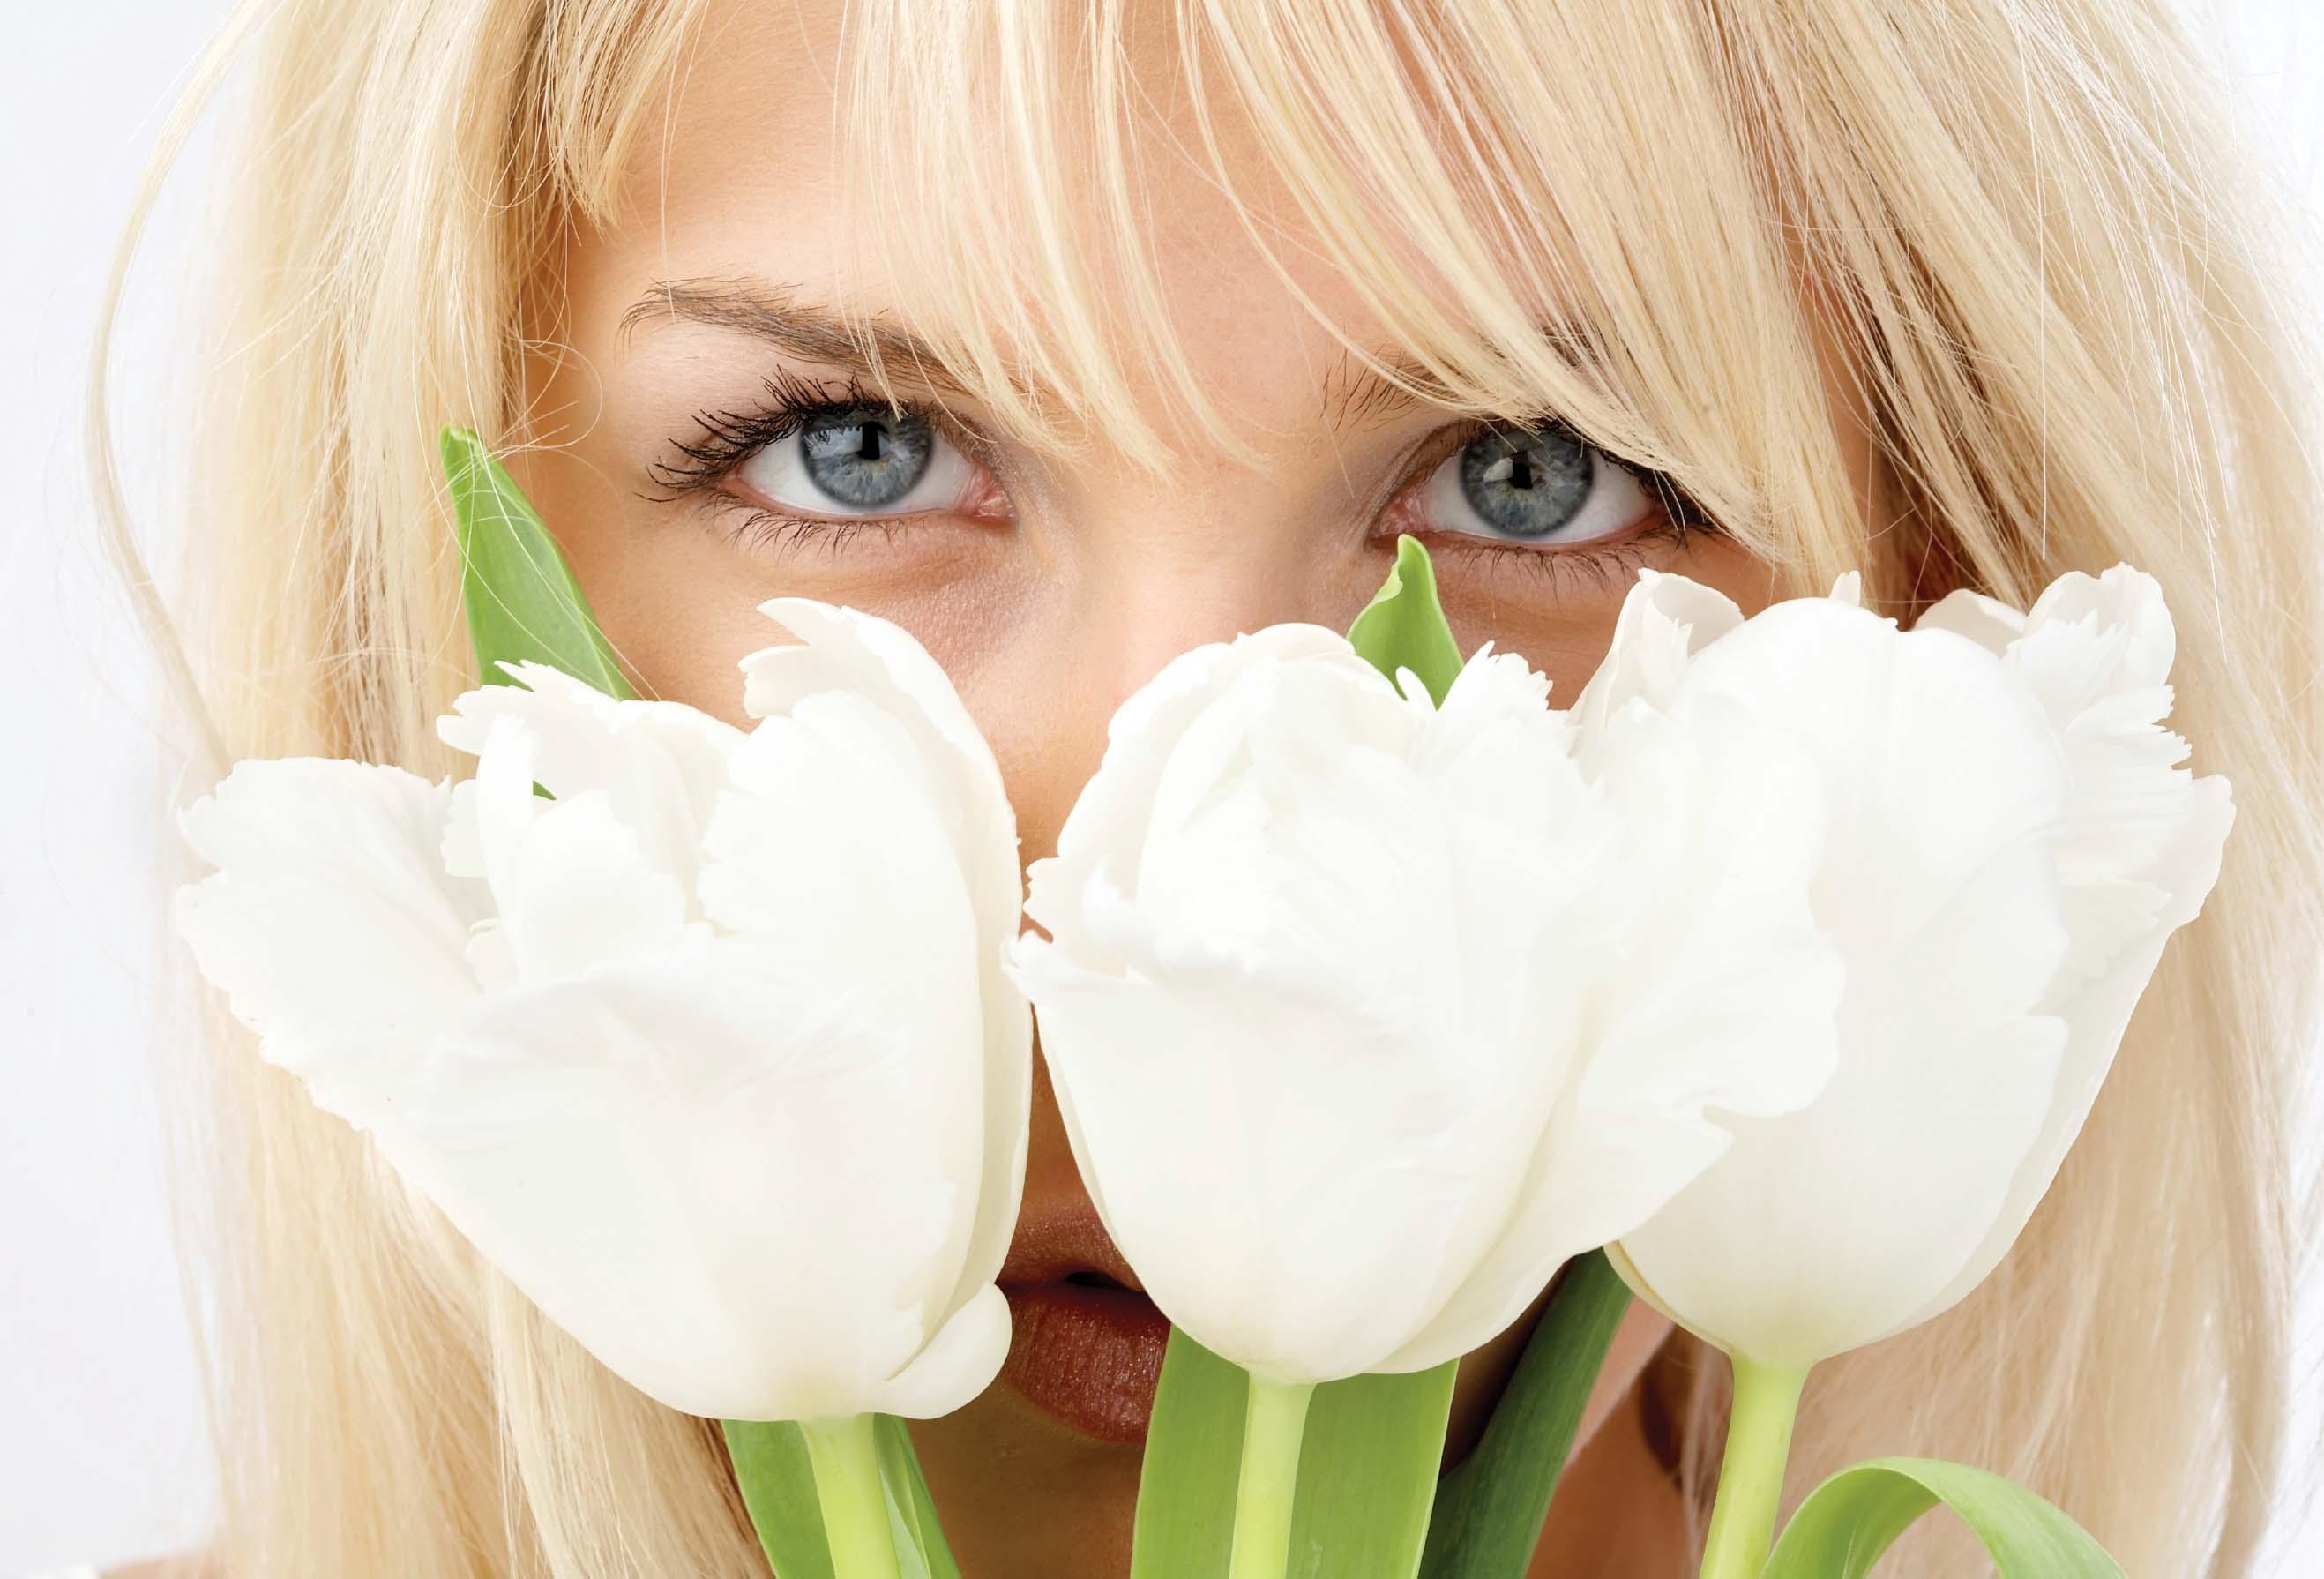 Фото на аву для девушек блондинок с цветами